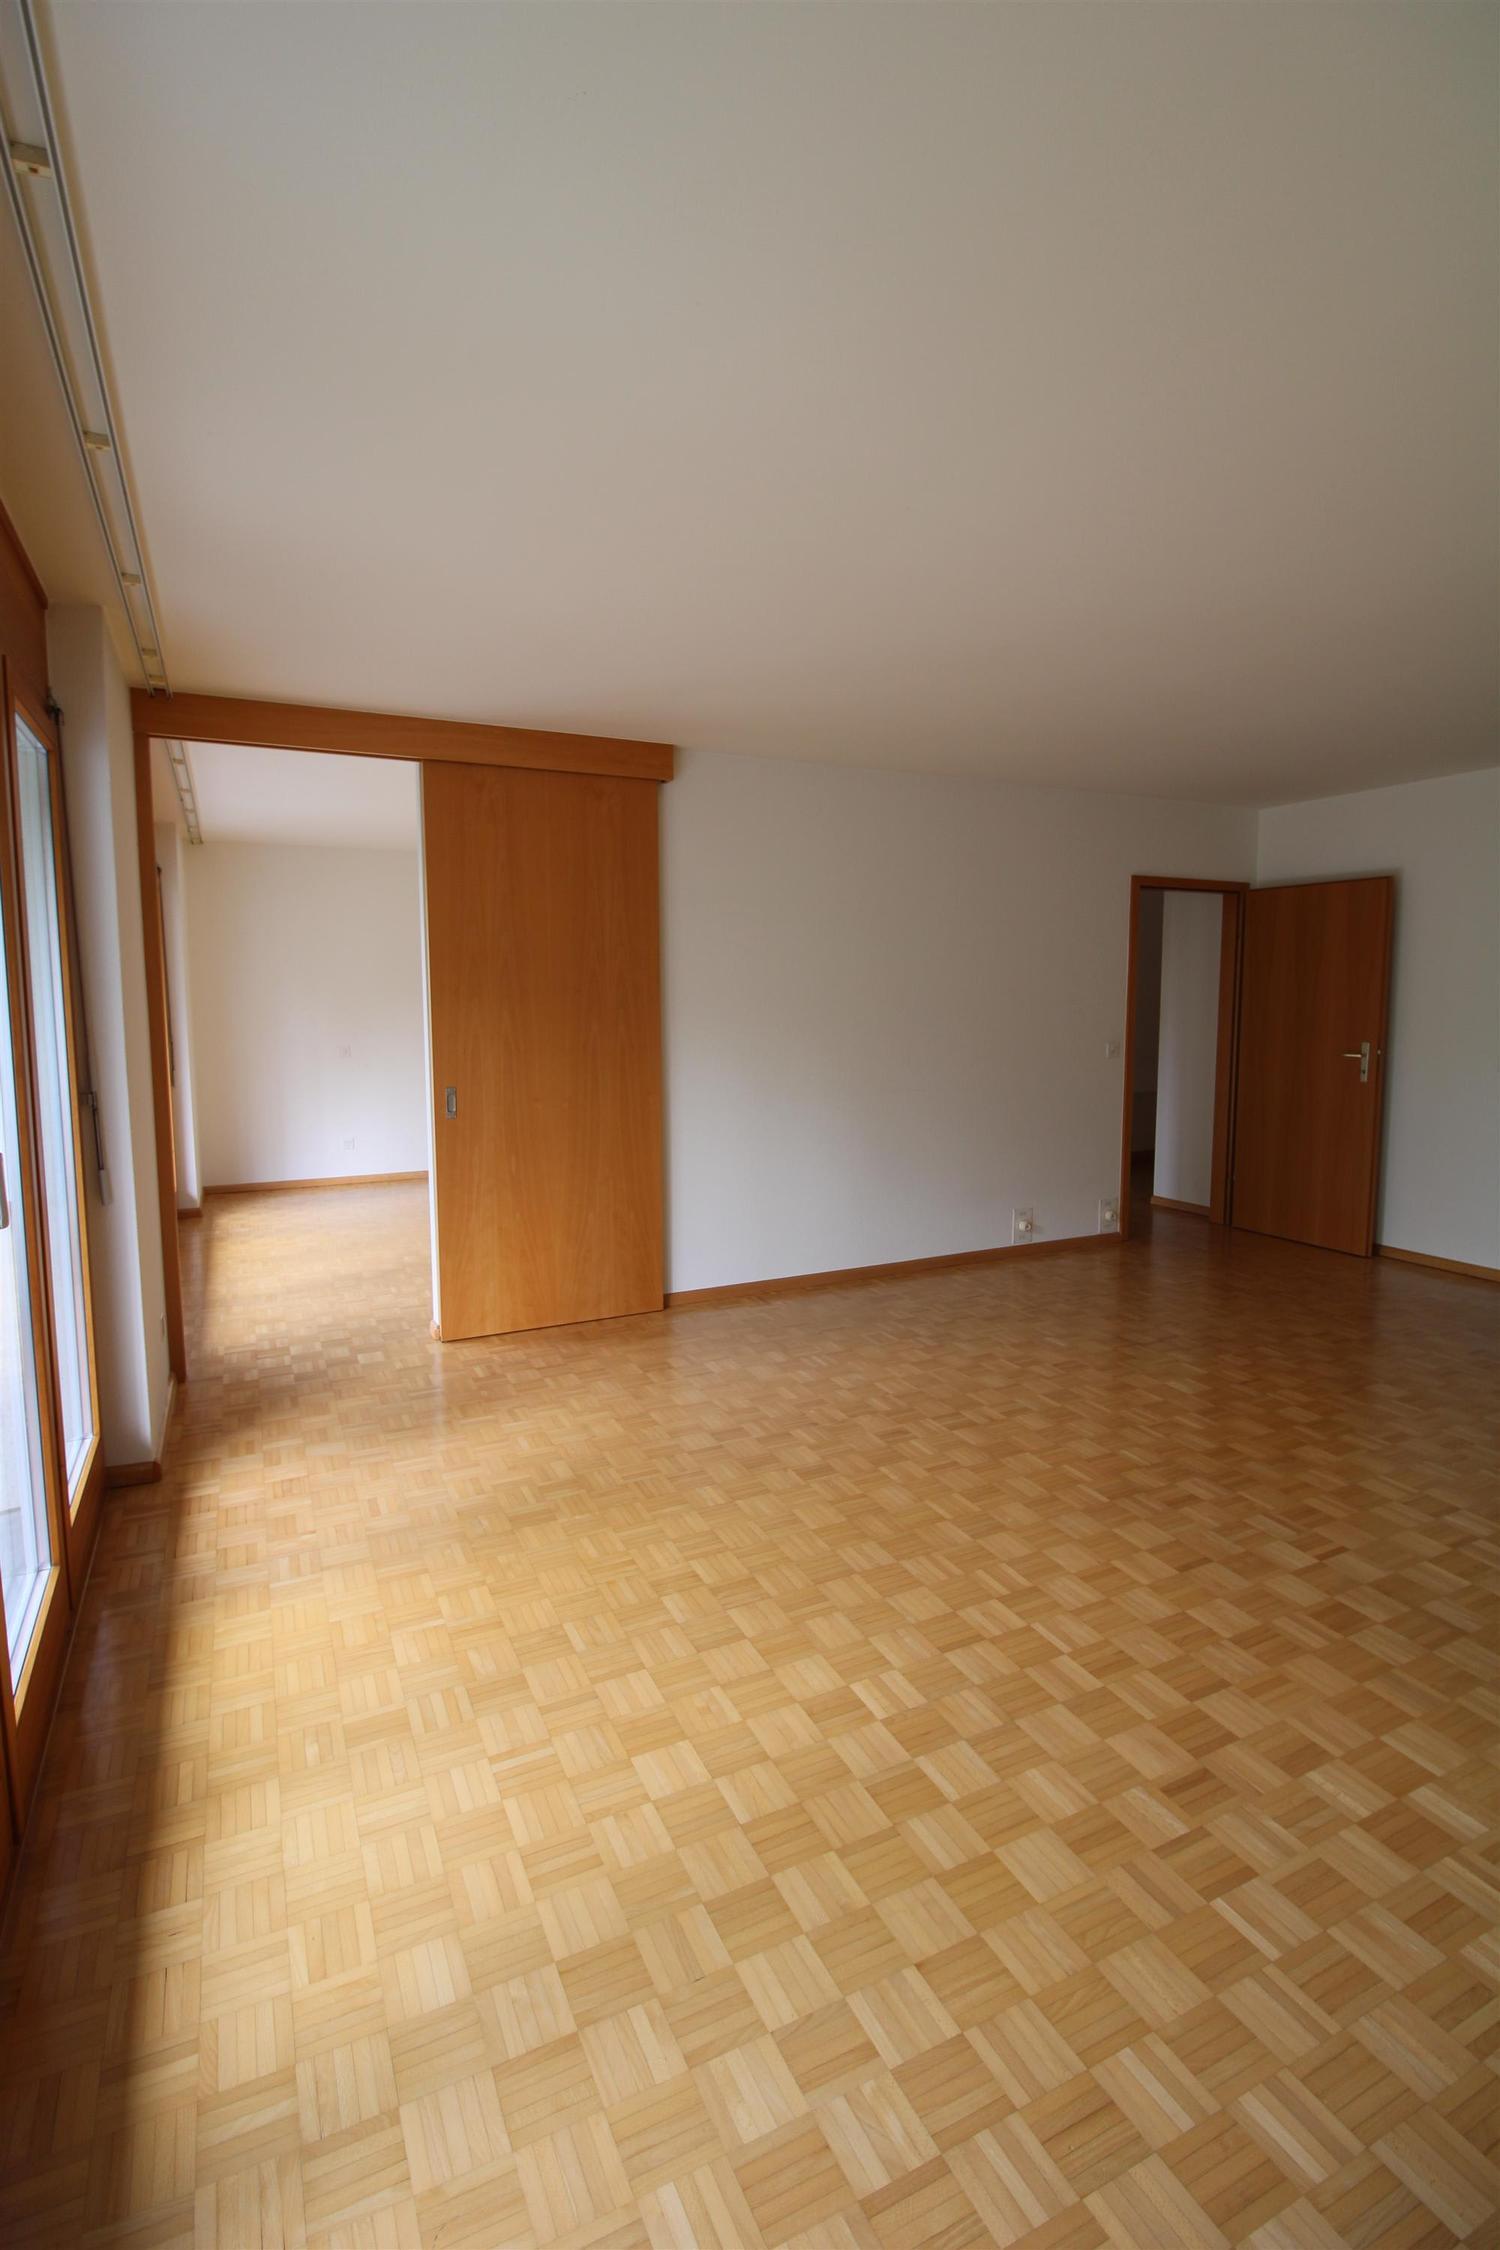 Miete: schöne Wohnung mit grossem Balkon